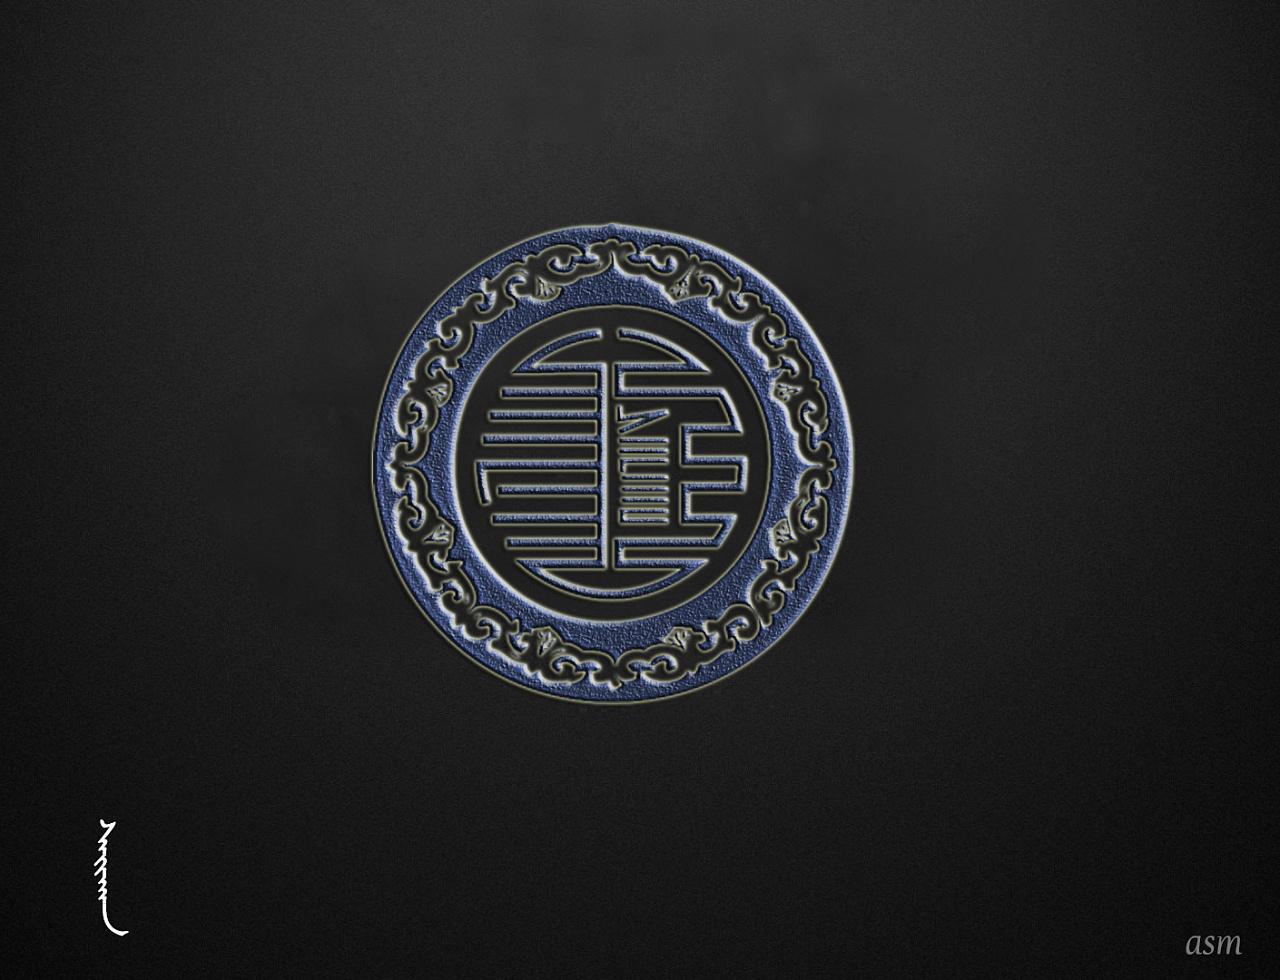 蒙古艺术文字2 -阿斯玛设计 第4张